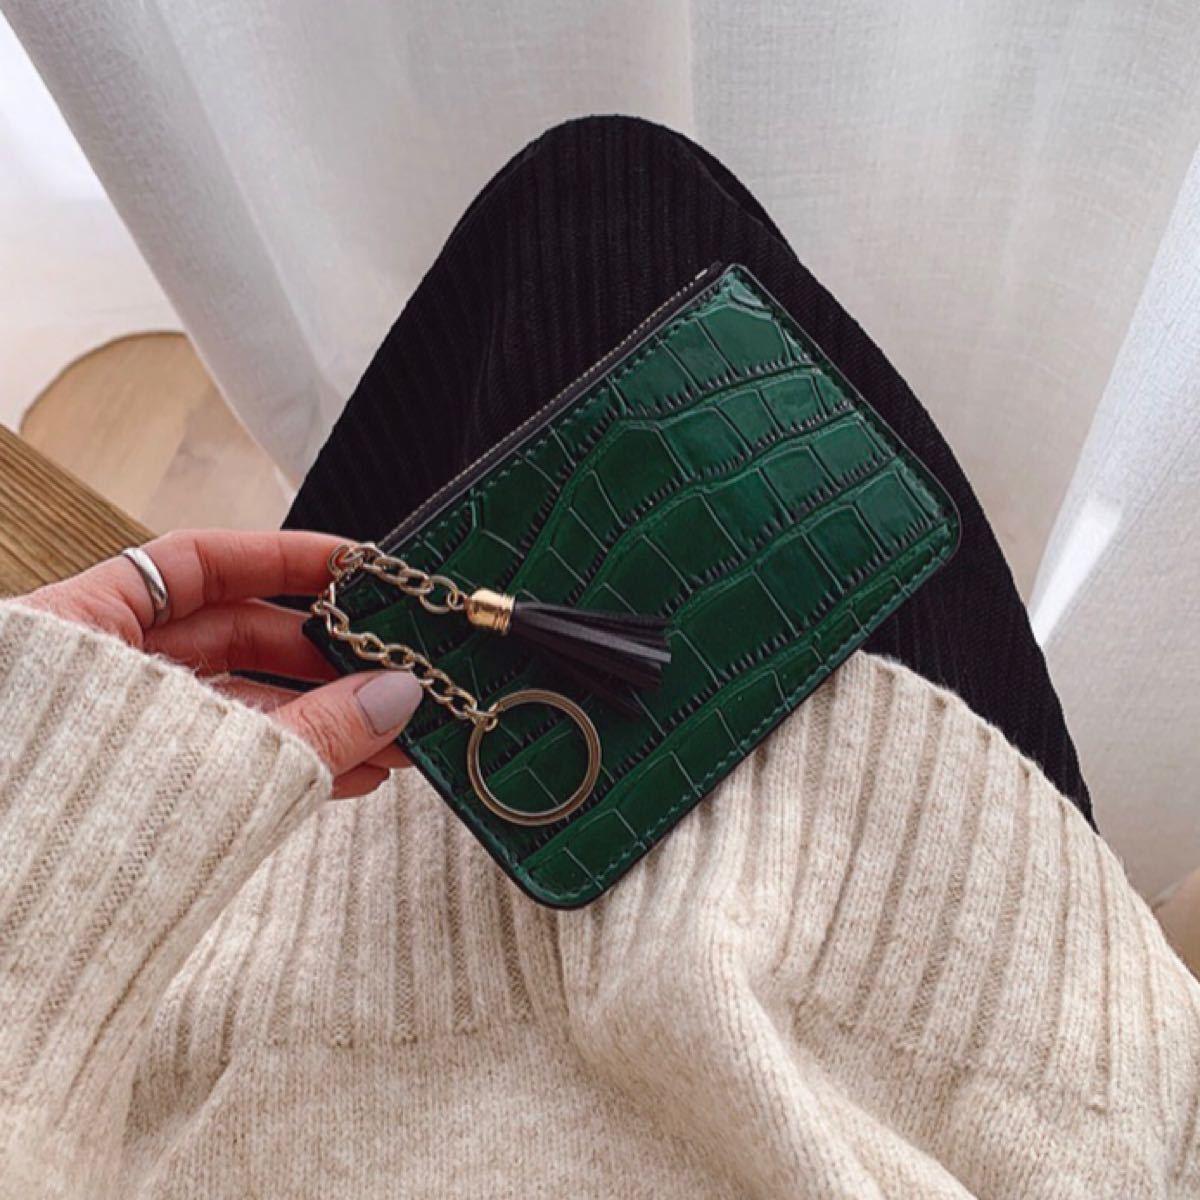 コインケース 小銭入れ カードケース コンパクト財布  ミニ財布 グリーン 新品